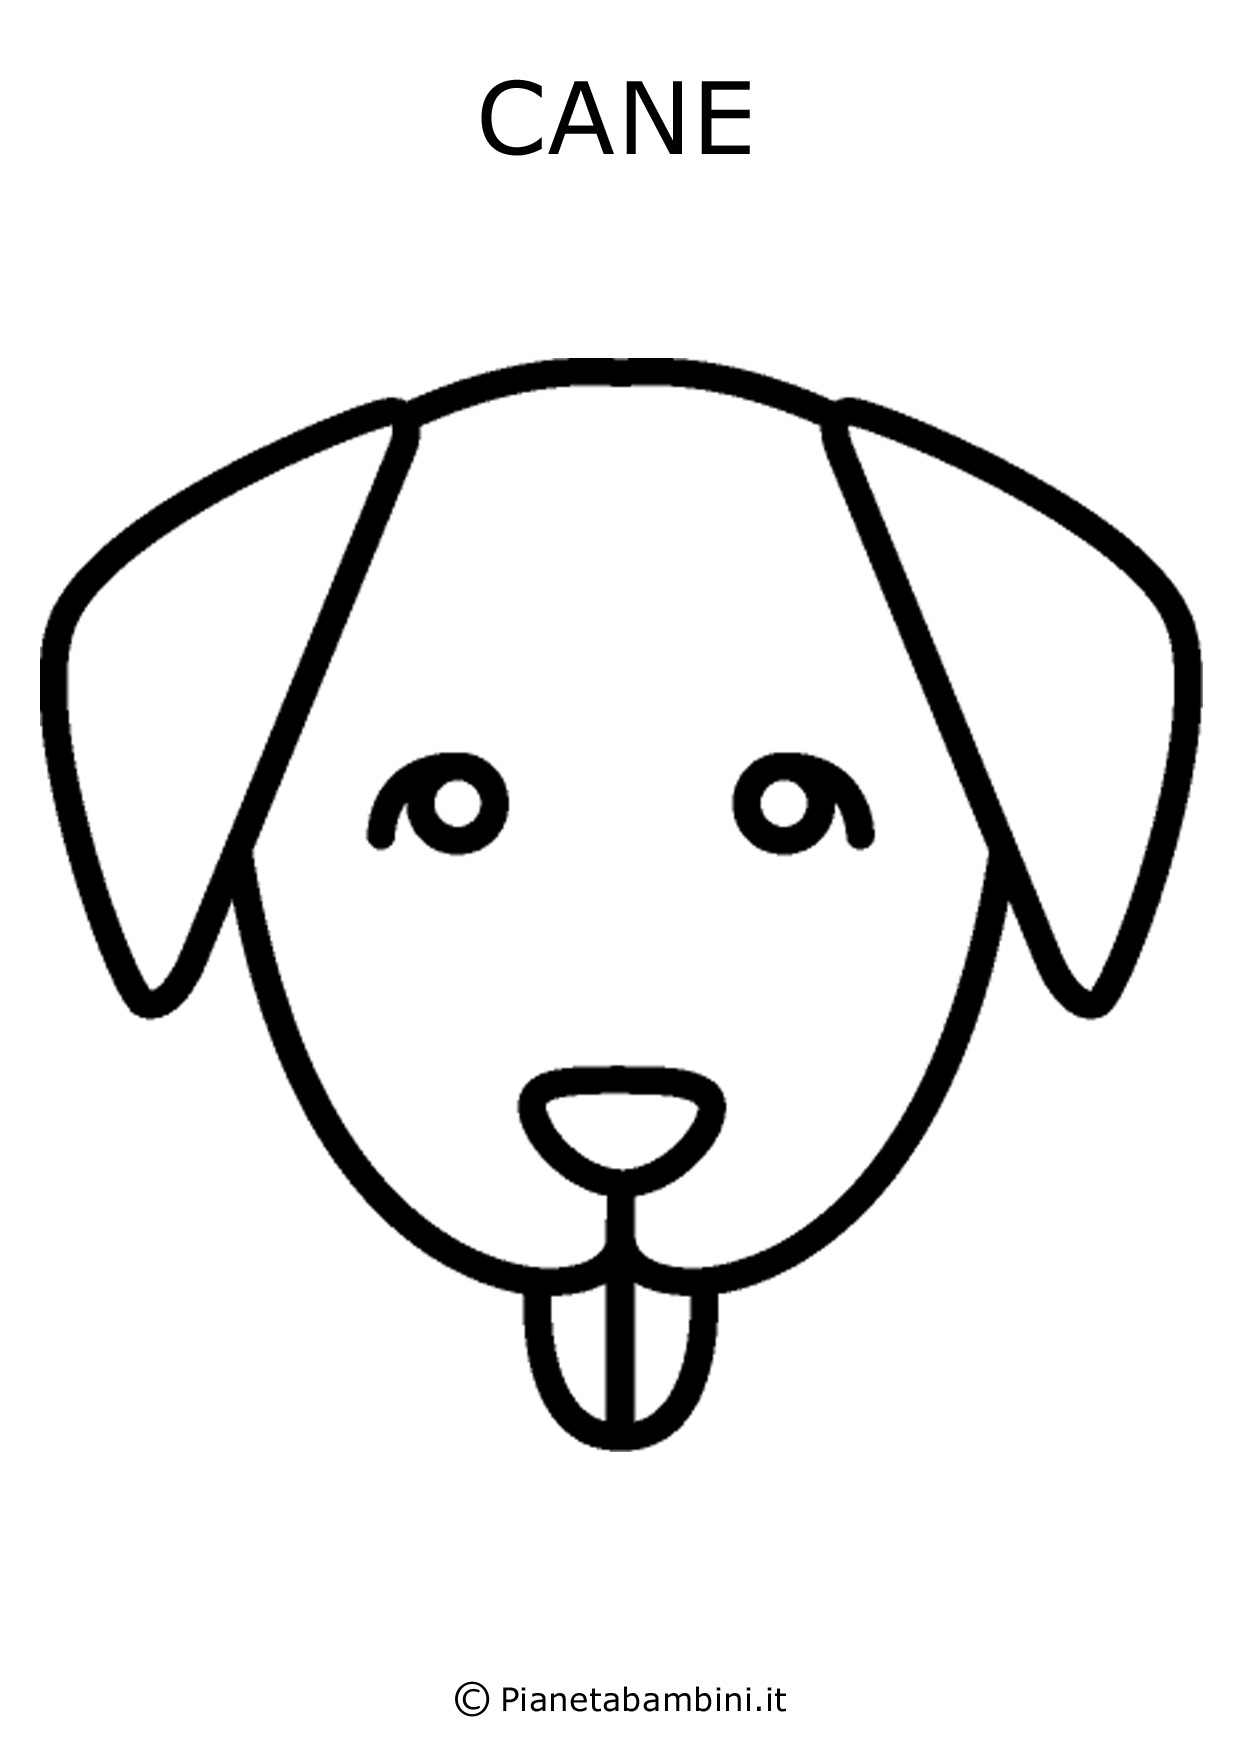 Ispirazione cane disegno colorato facilisimi - Cane da colorare le pagine libero ...